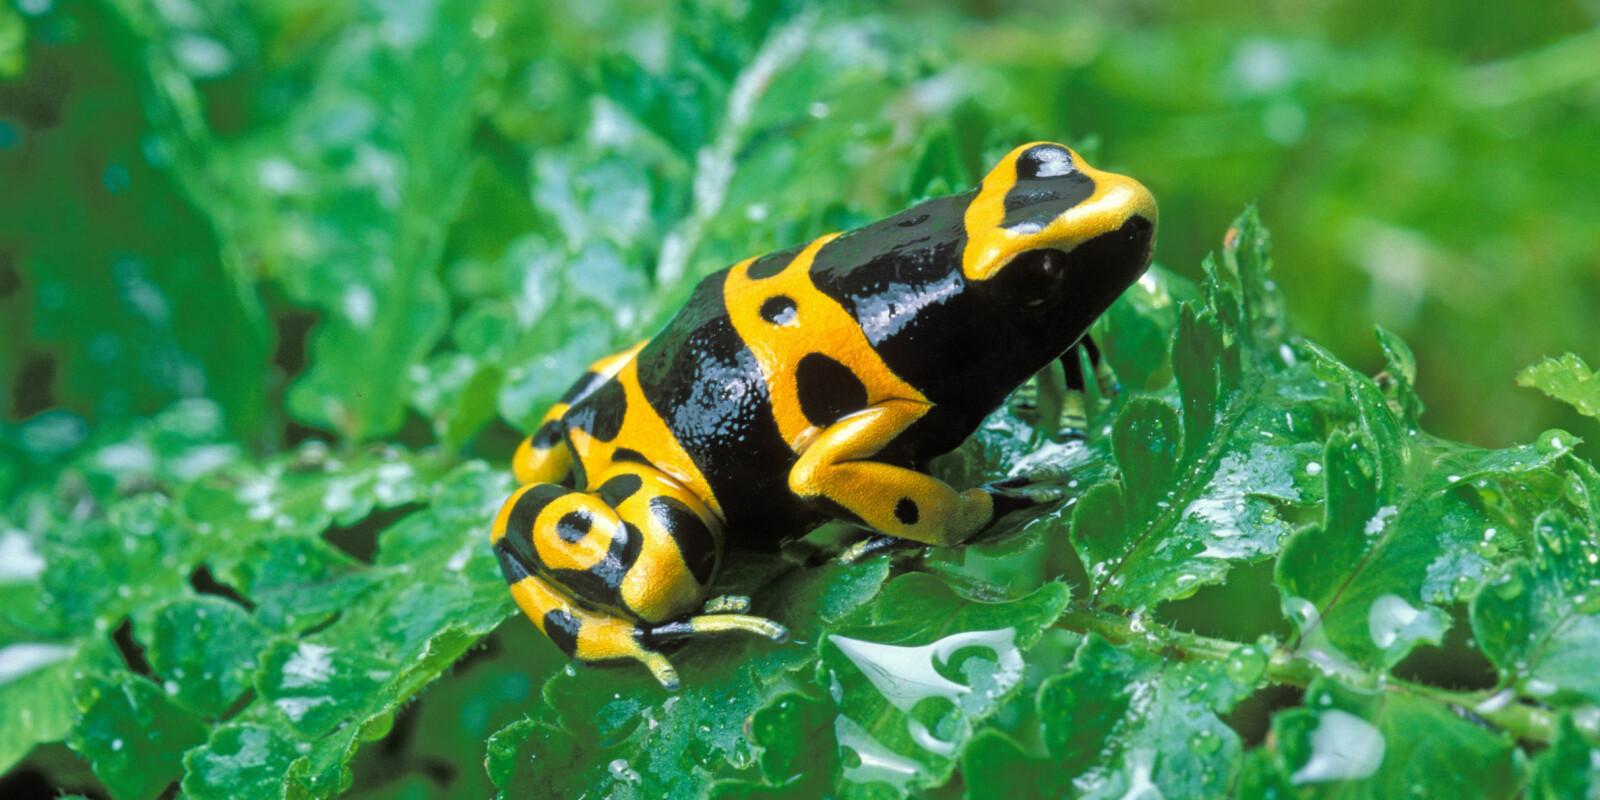 <b>VERDENS GIFTIGSTE DYR:</b> Den gule pilgiftsfrosken er antagelig verdens giftigste dyr. Markeringene på kroppen vil variere fra frosk til frosk. Denne lever i regnskogen i Venezuela og Colombia.